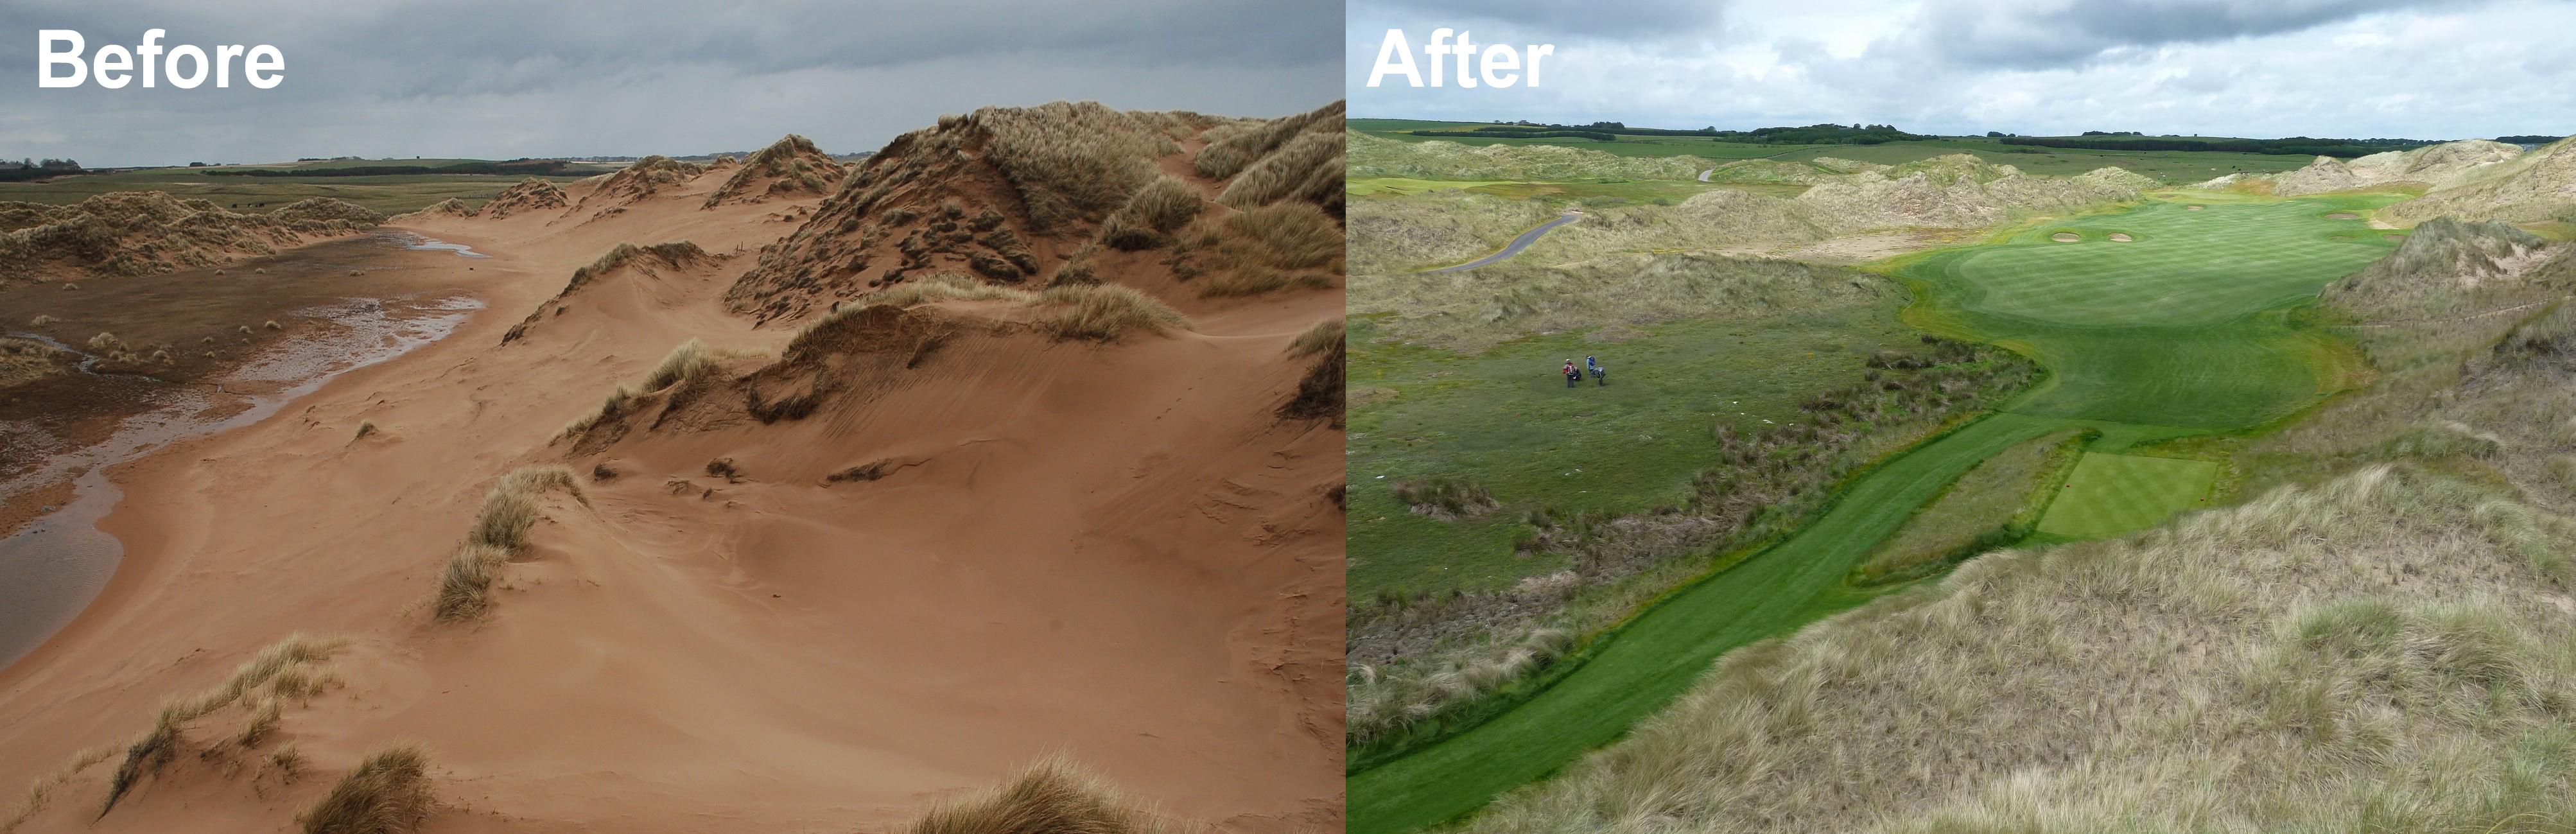 Foveran Links - Sandend burn sandsheet looking north - Before and After